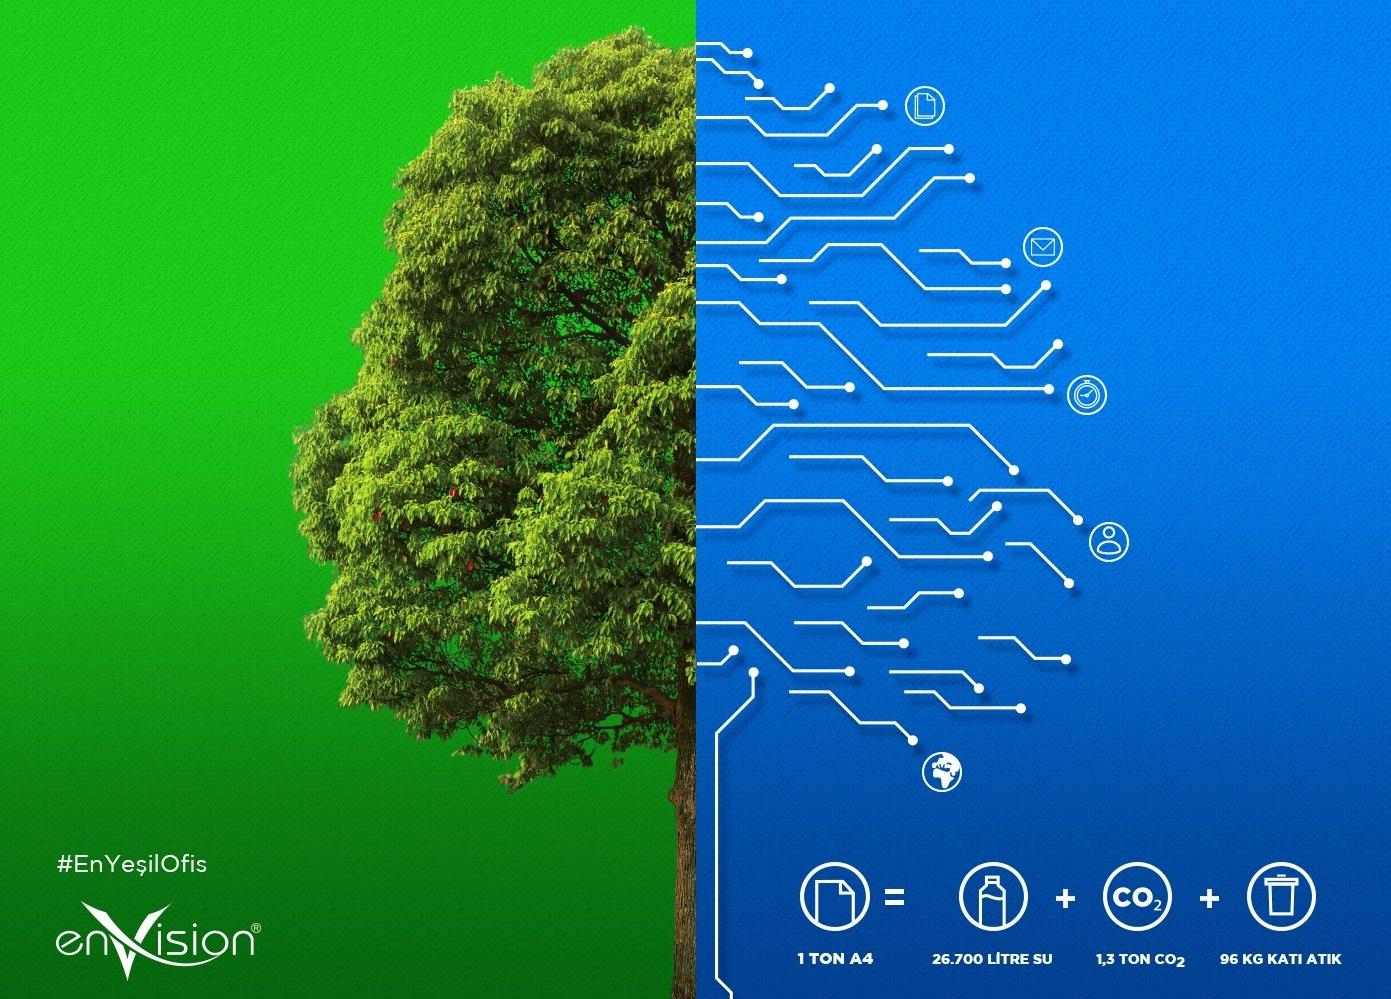 Elektronik Belge Yönetim Sistemi (EBYS) ile 'kağıtsız ofis' konseptine geçen belediyelerin çevreye sağladığı katkının tüm boyutları, enVision tarafından 2017 yılında 'En Yeşil Ofisler' adıyla gerçekleştirilen özel bir araştırma ile açıklandı.